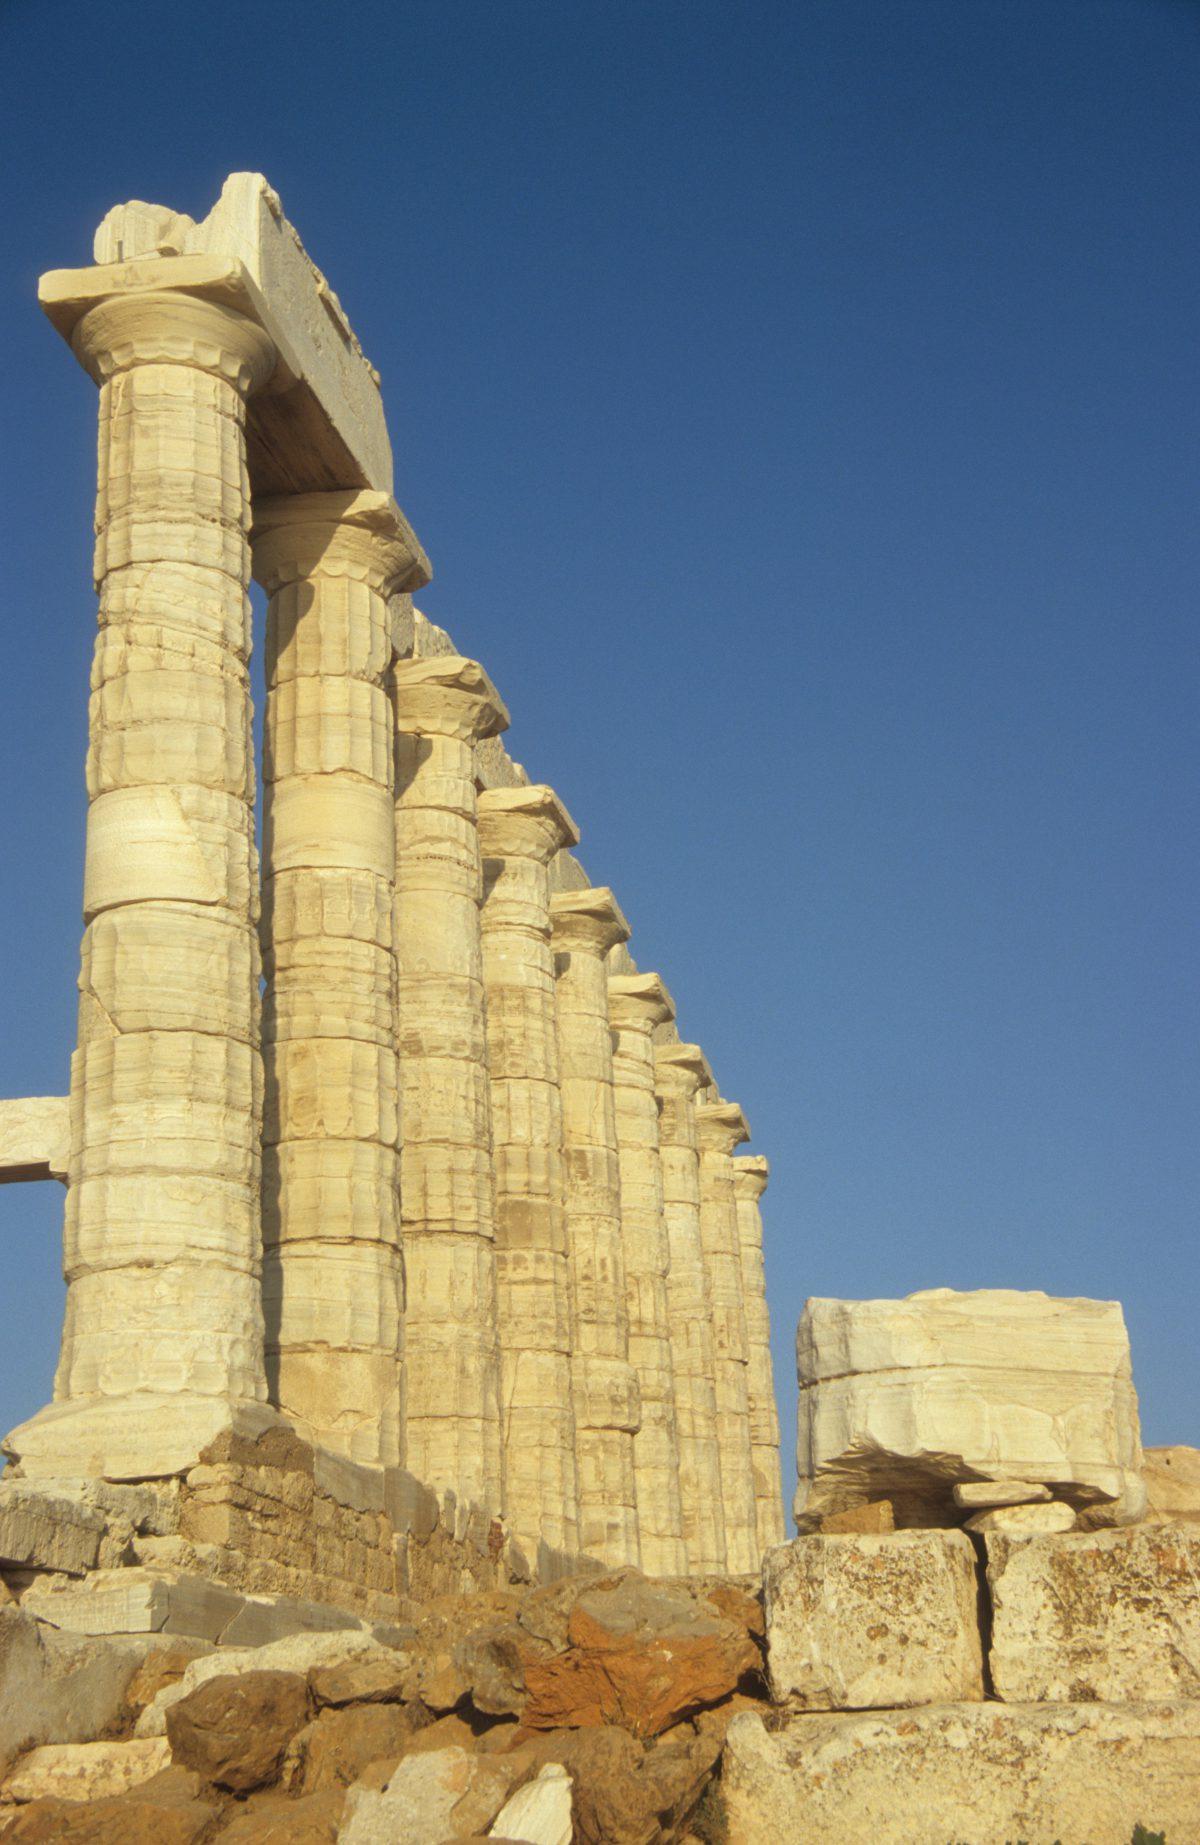 Poseidon Temple, landmark